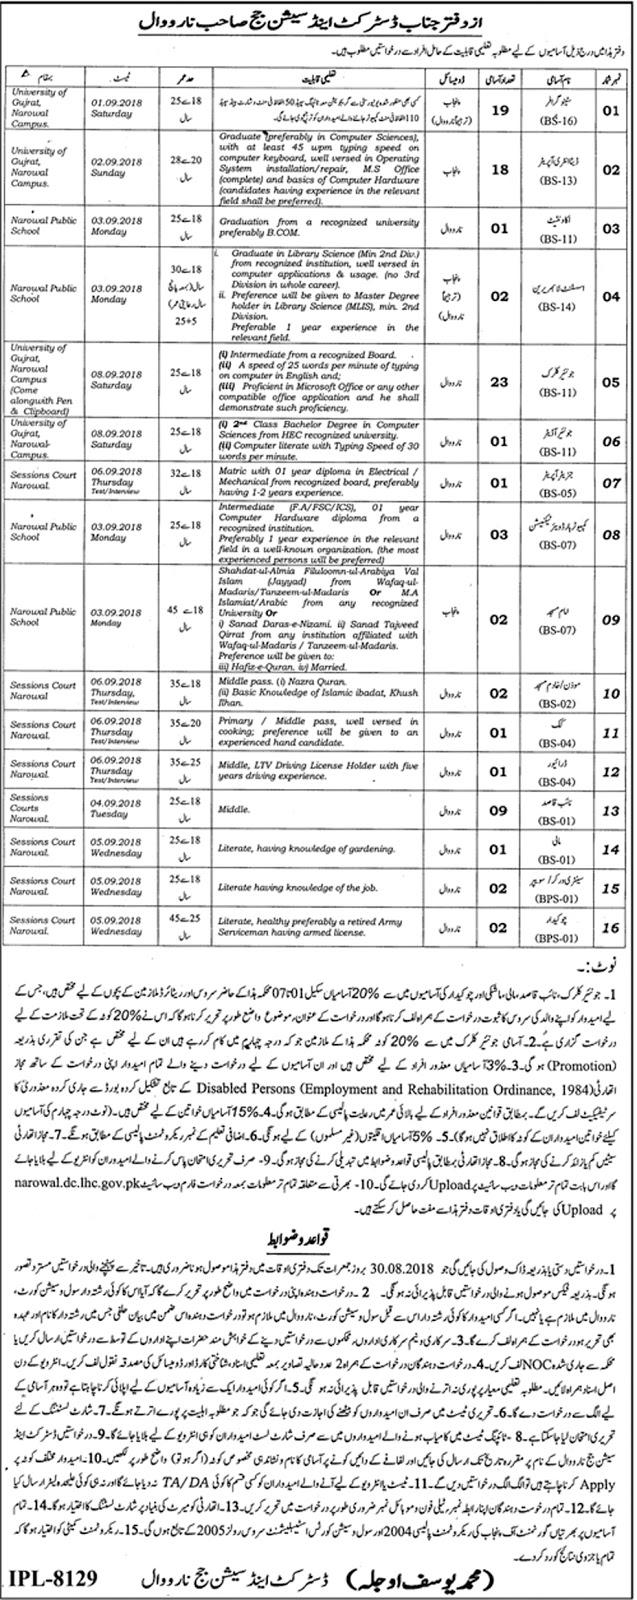 Jobs in Pakistan, Apply Online Application form Download, Newspaper job ads, Government Jobs In Pakistan, 99 Vacancies Jobs